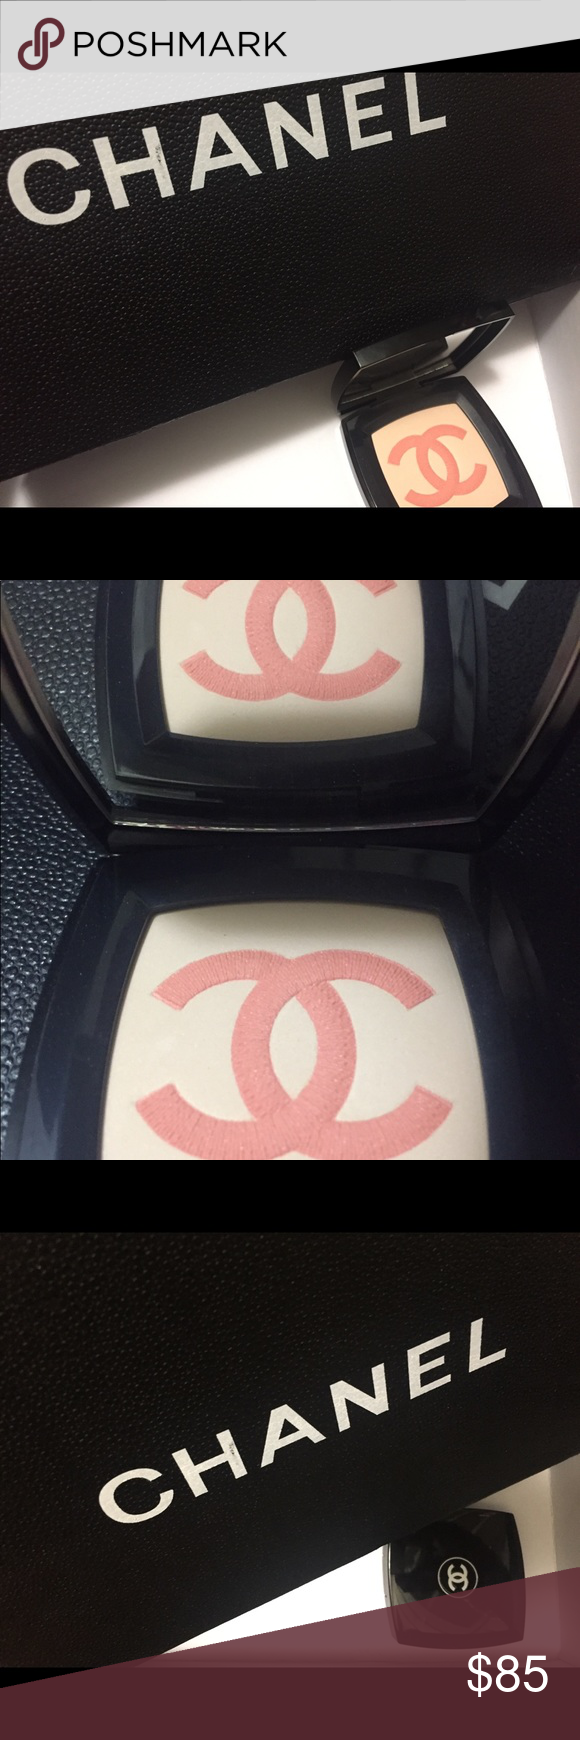 Chanel Illuminating Powder Chanel Illuminating Powder Chanel Makeup Face Powder Chanel Things To Sell Women Shopping [ 1740 x 580 Pixel ]